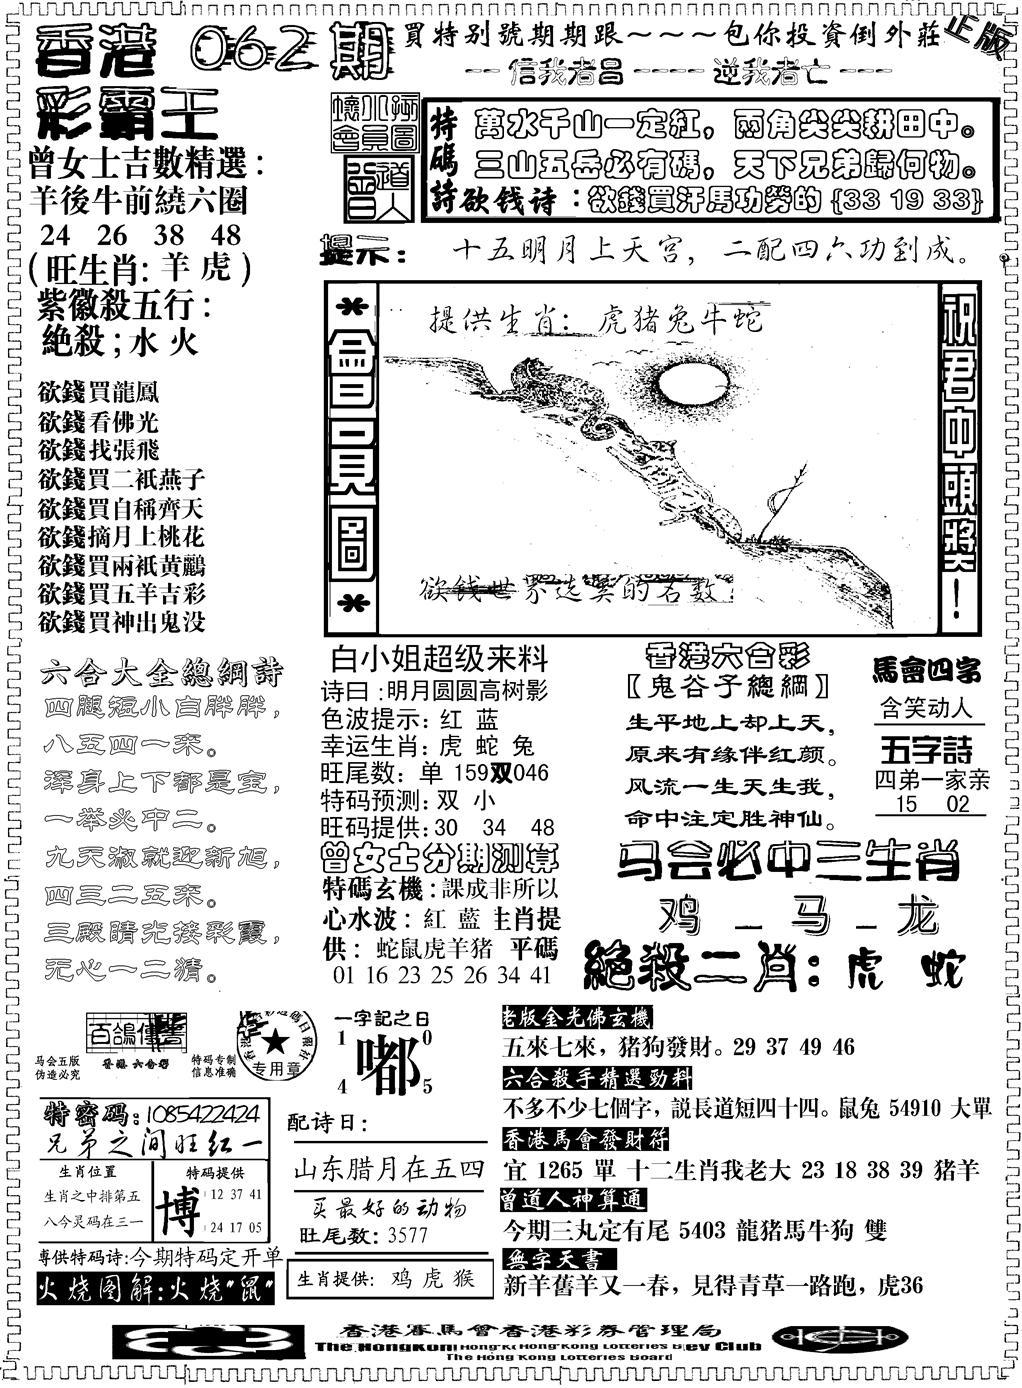 062期另版新版彩霸王B(黑白)